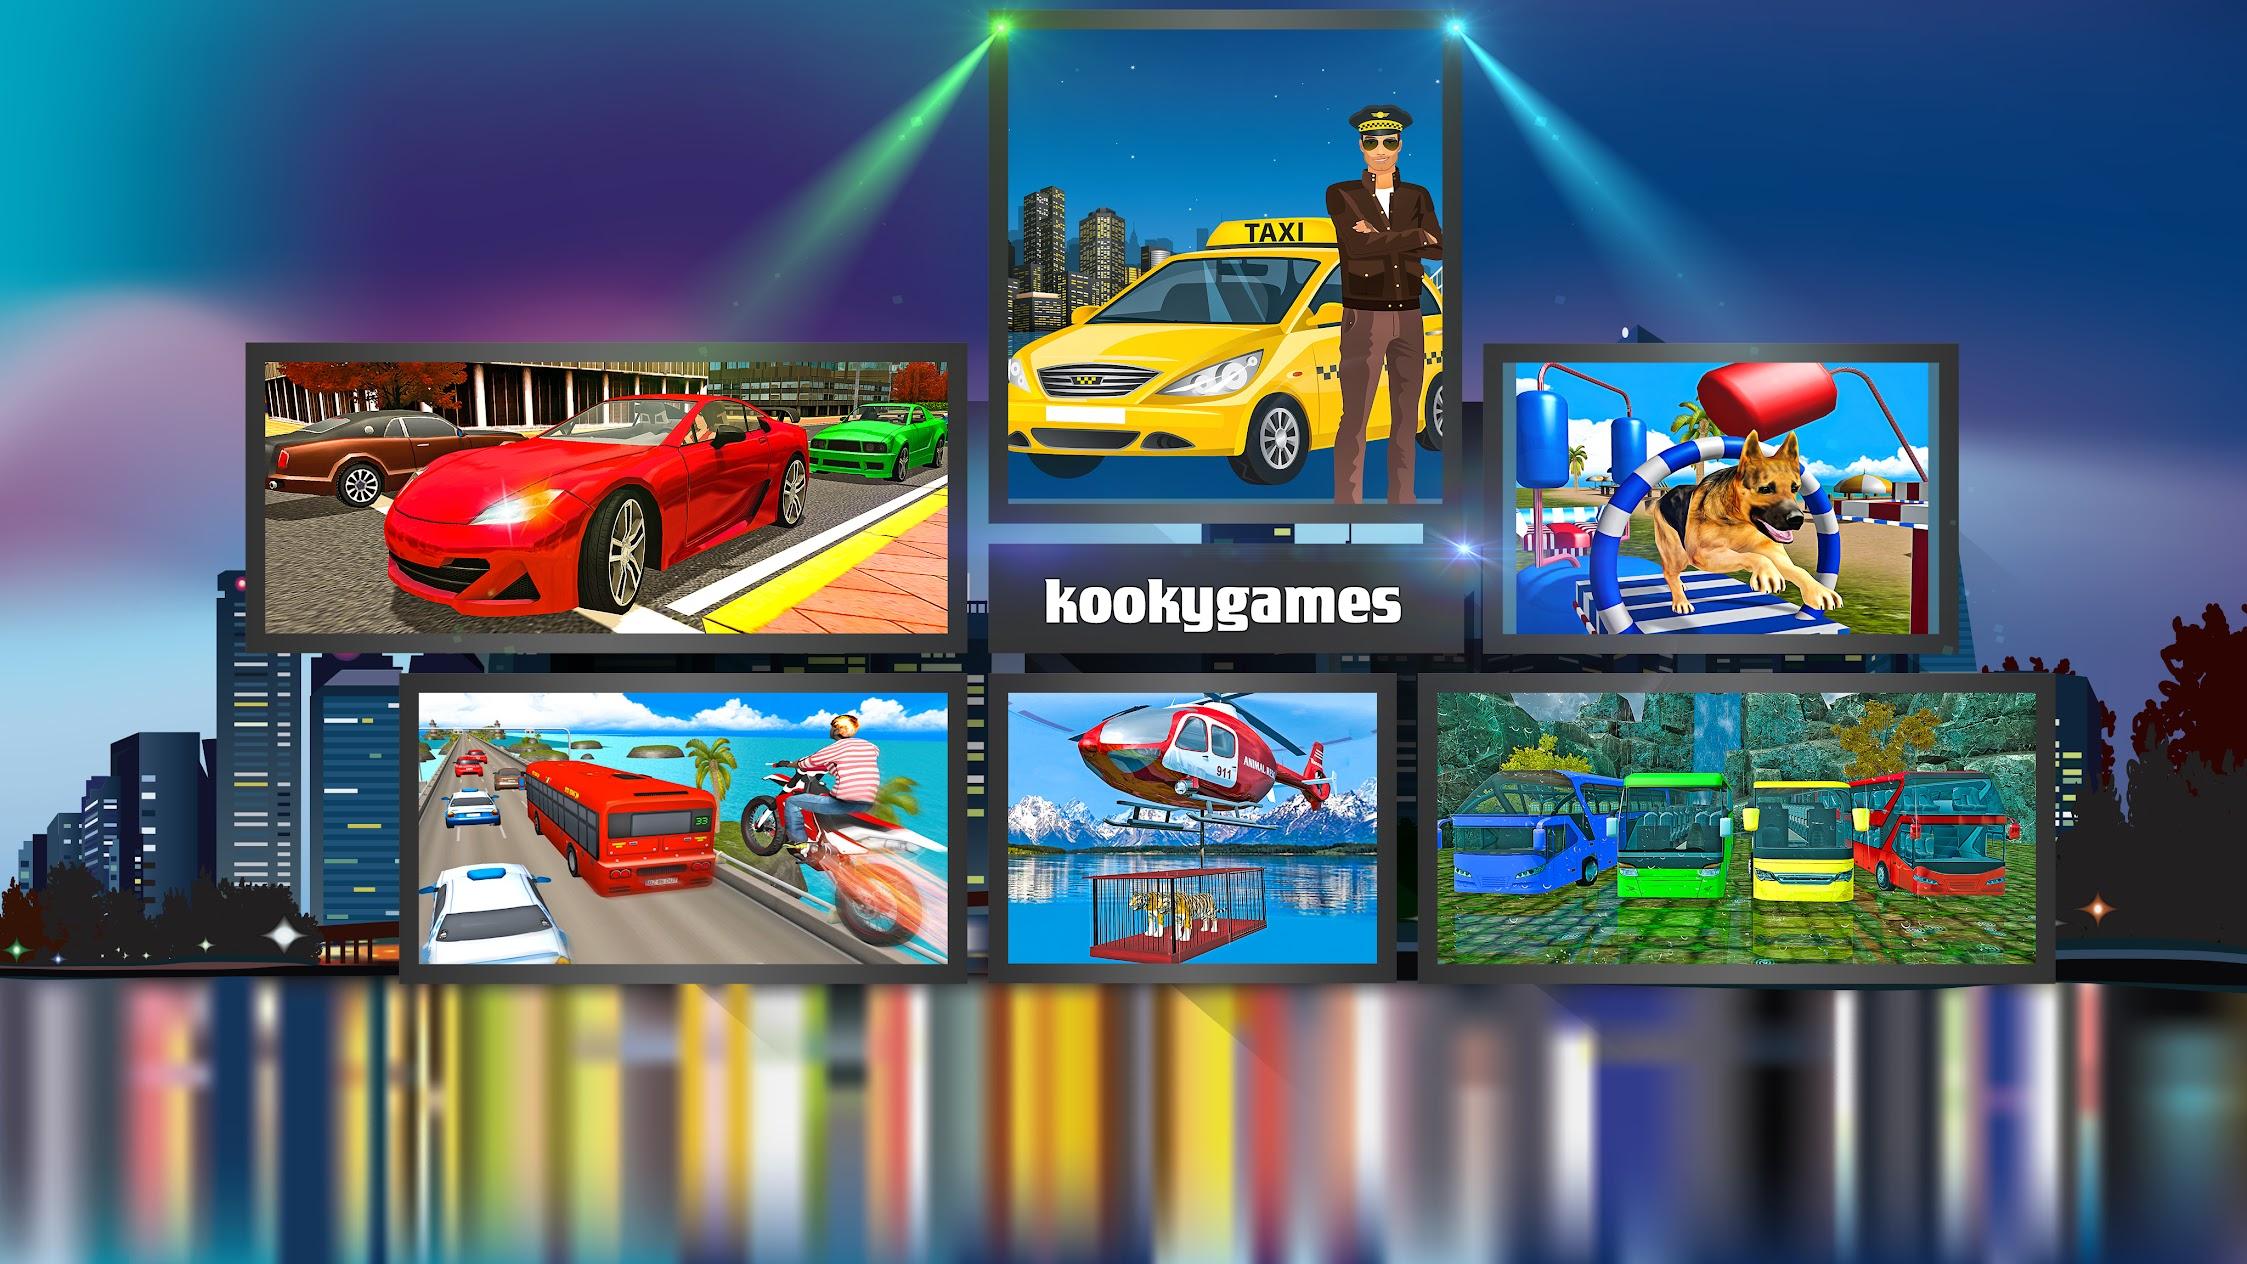 Kooky Games